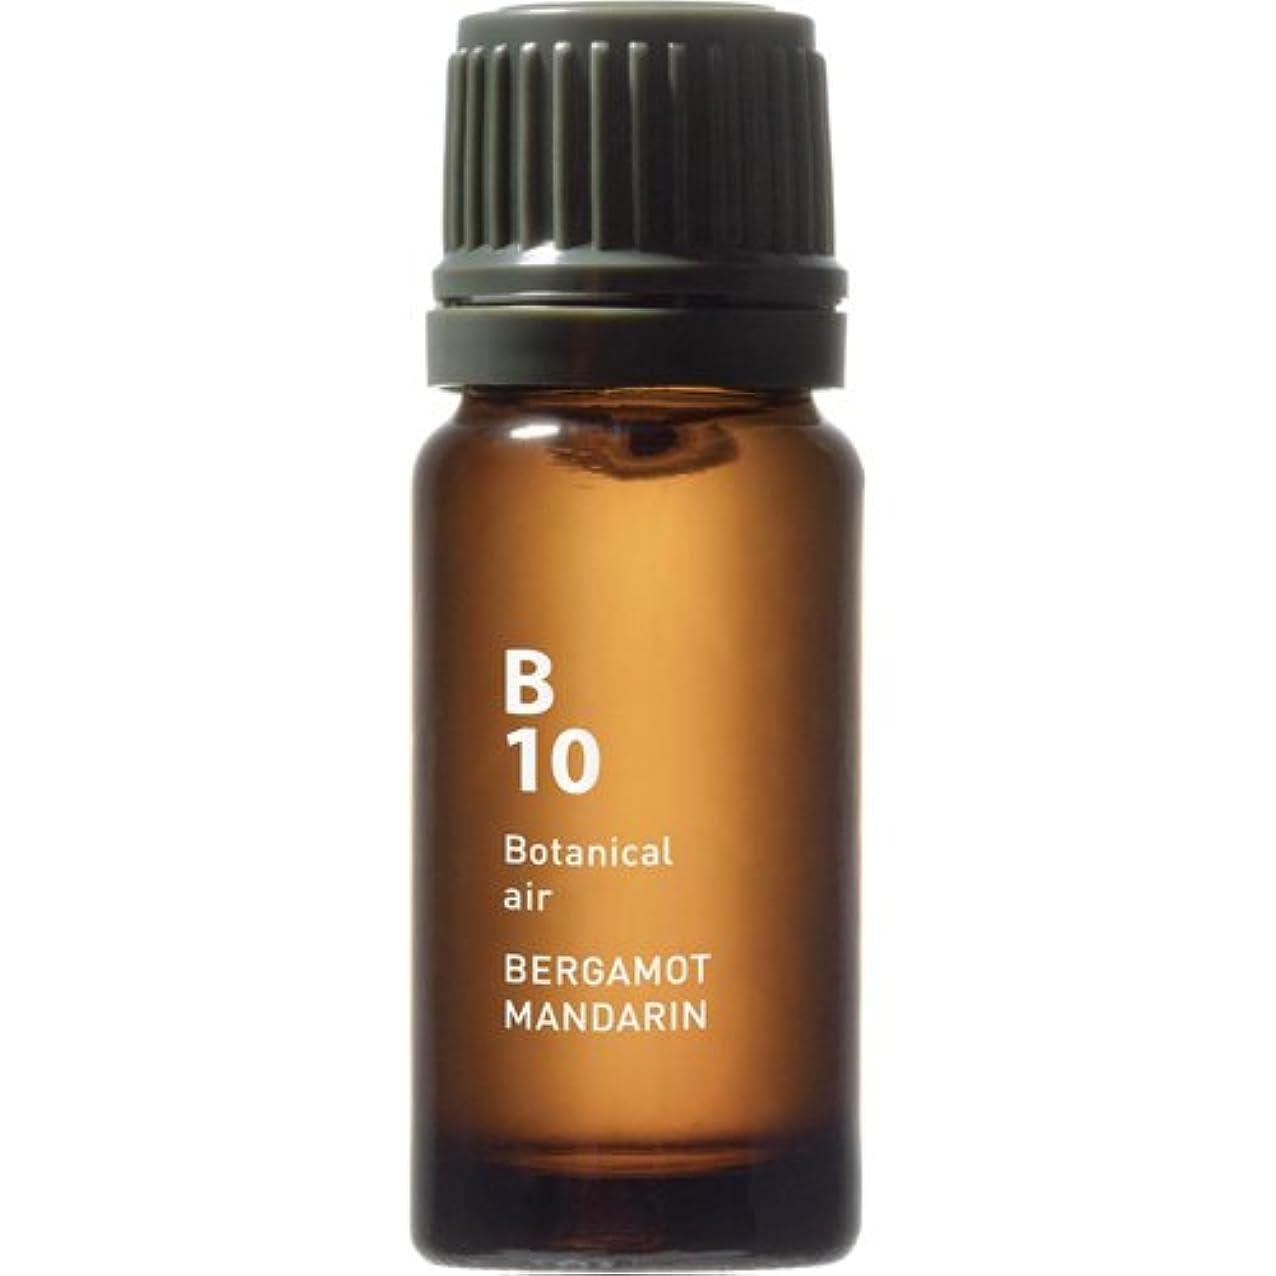 タイムリーなチーター消毒剤B10 ベルガモットマンダリン Botanical air(ボタニカルエアー) 10ml